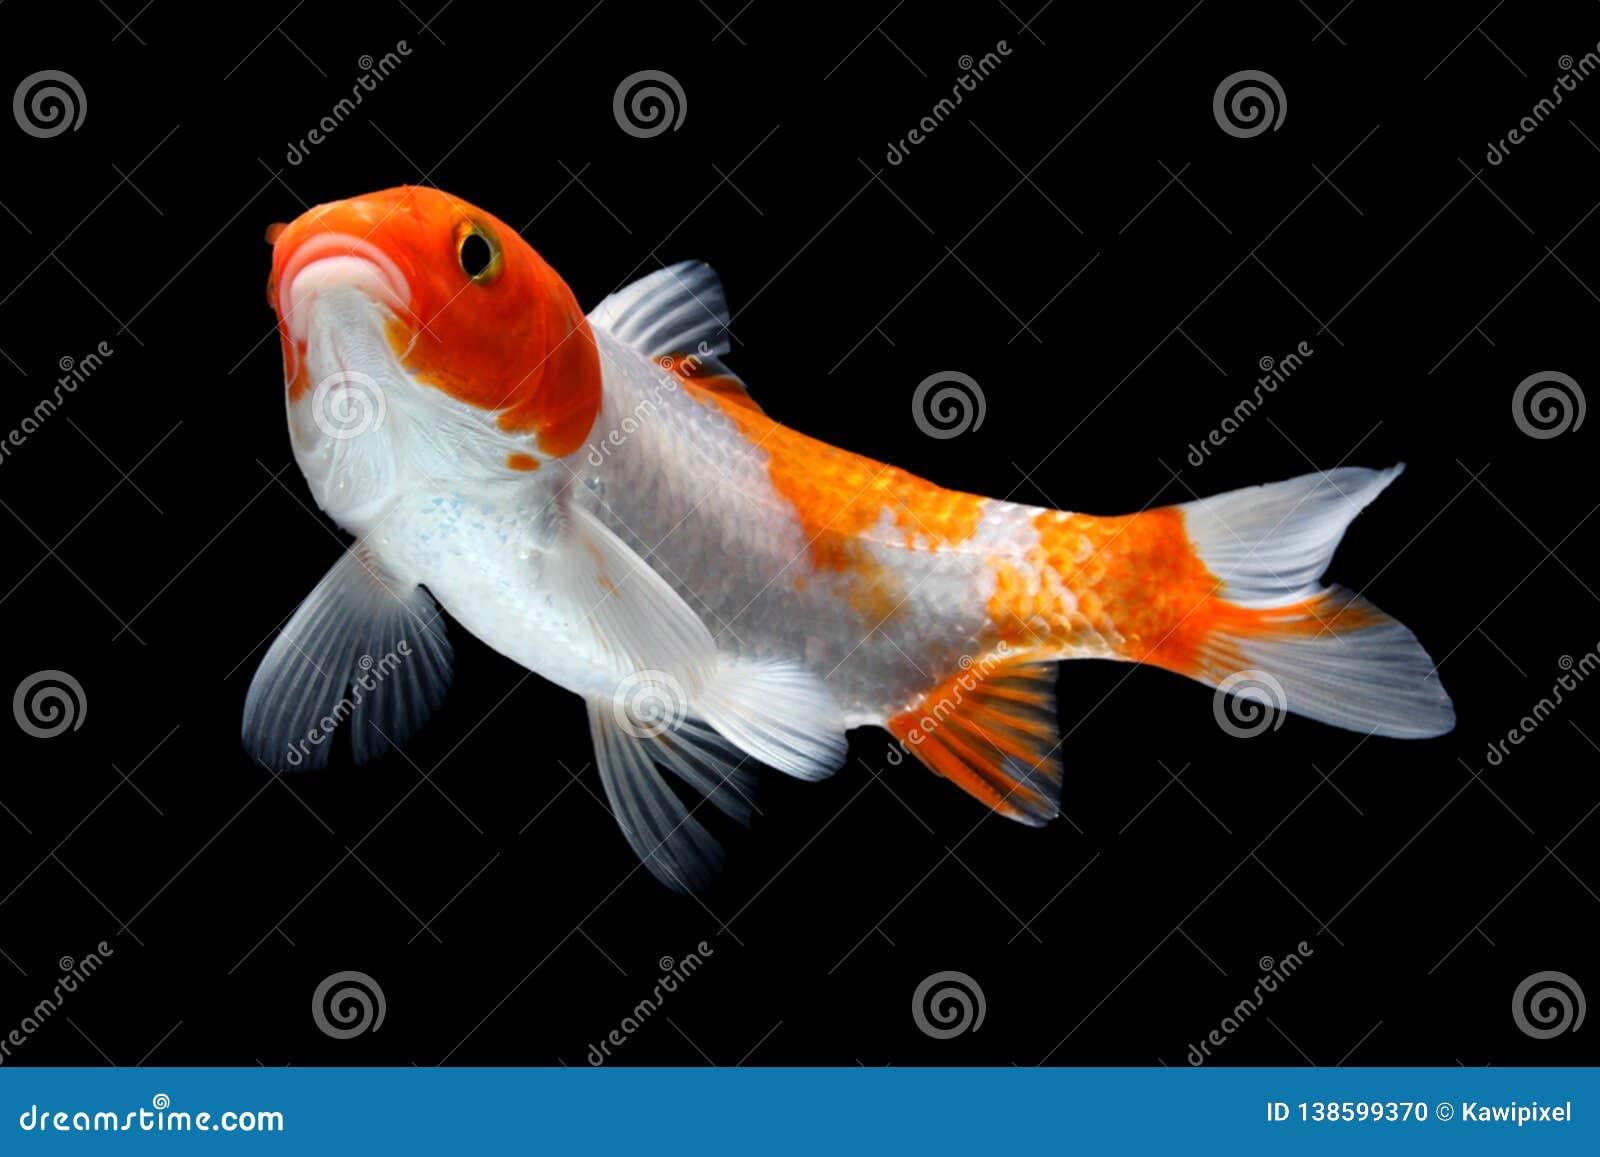 Gold-Koi-Fische lokalisiert auf schwarzem Hintergrund